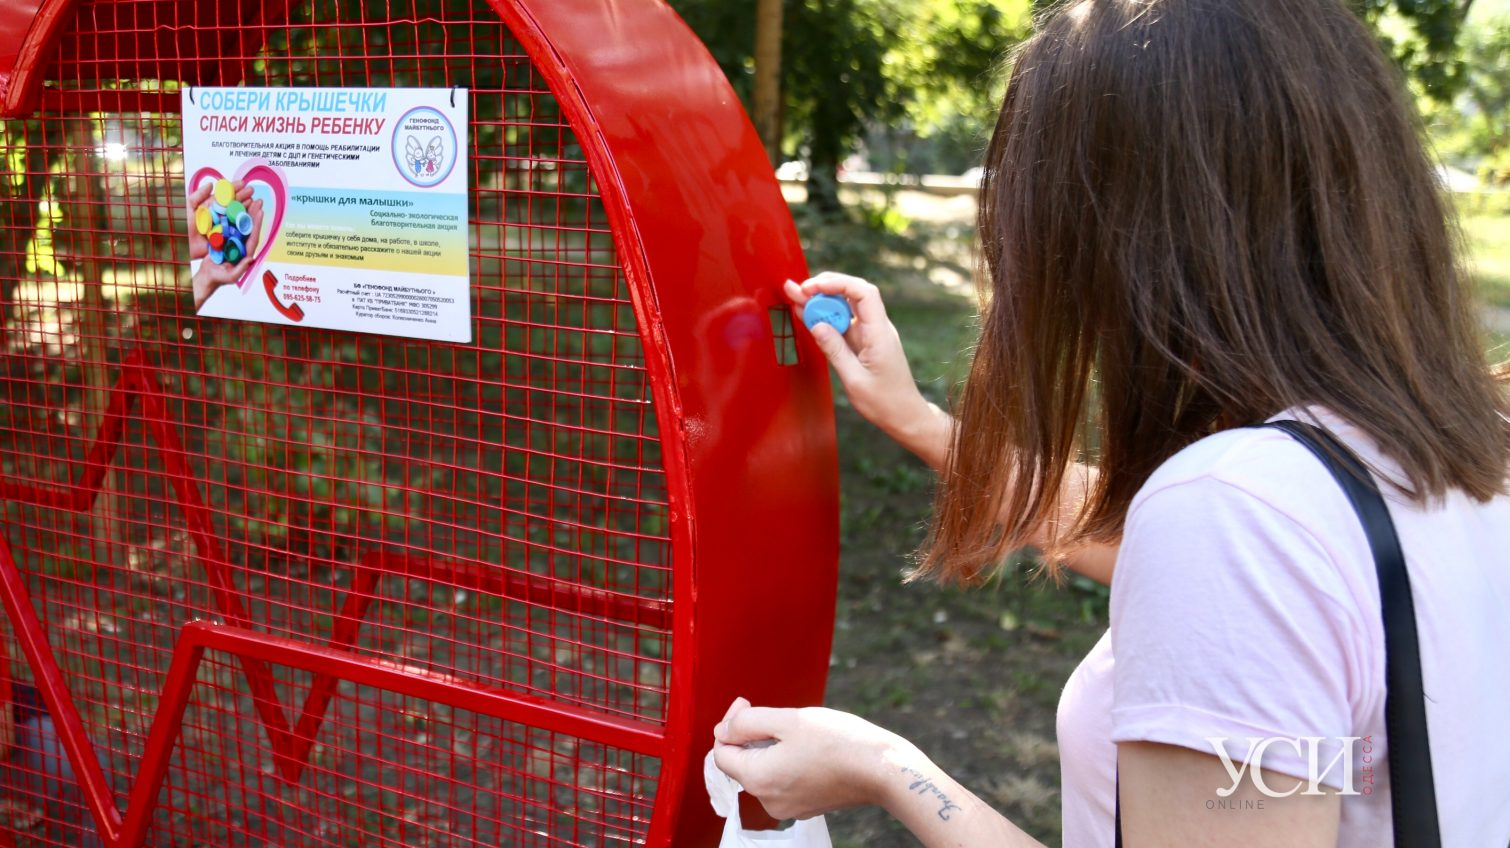 В Одессе появились боксы для пластиковых крышек: деньги пойдут на лечение детей с ДЦП (фоторепортаж) «фото»